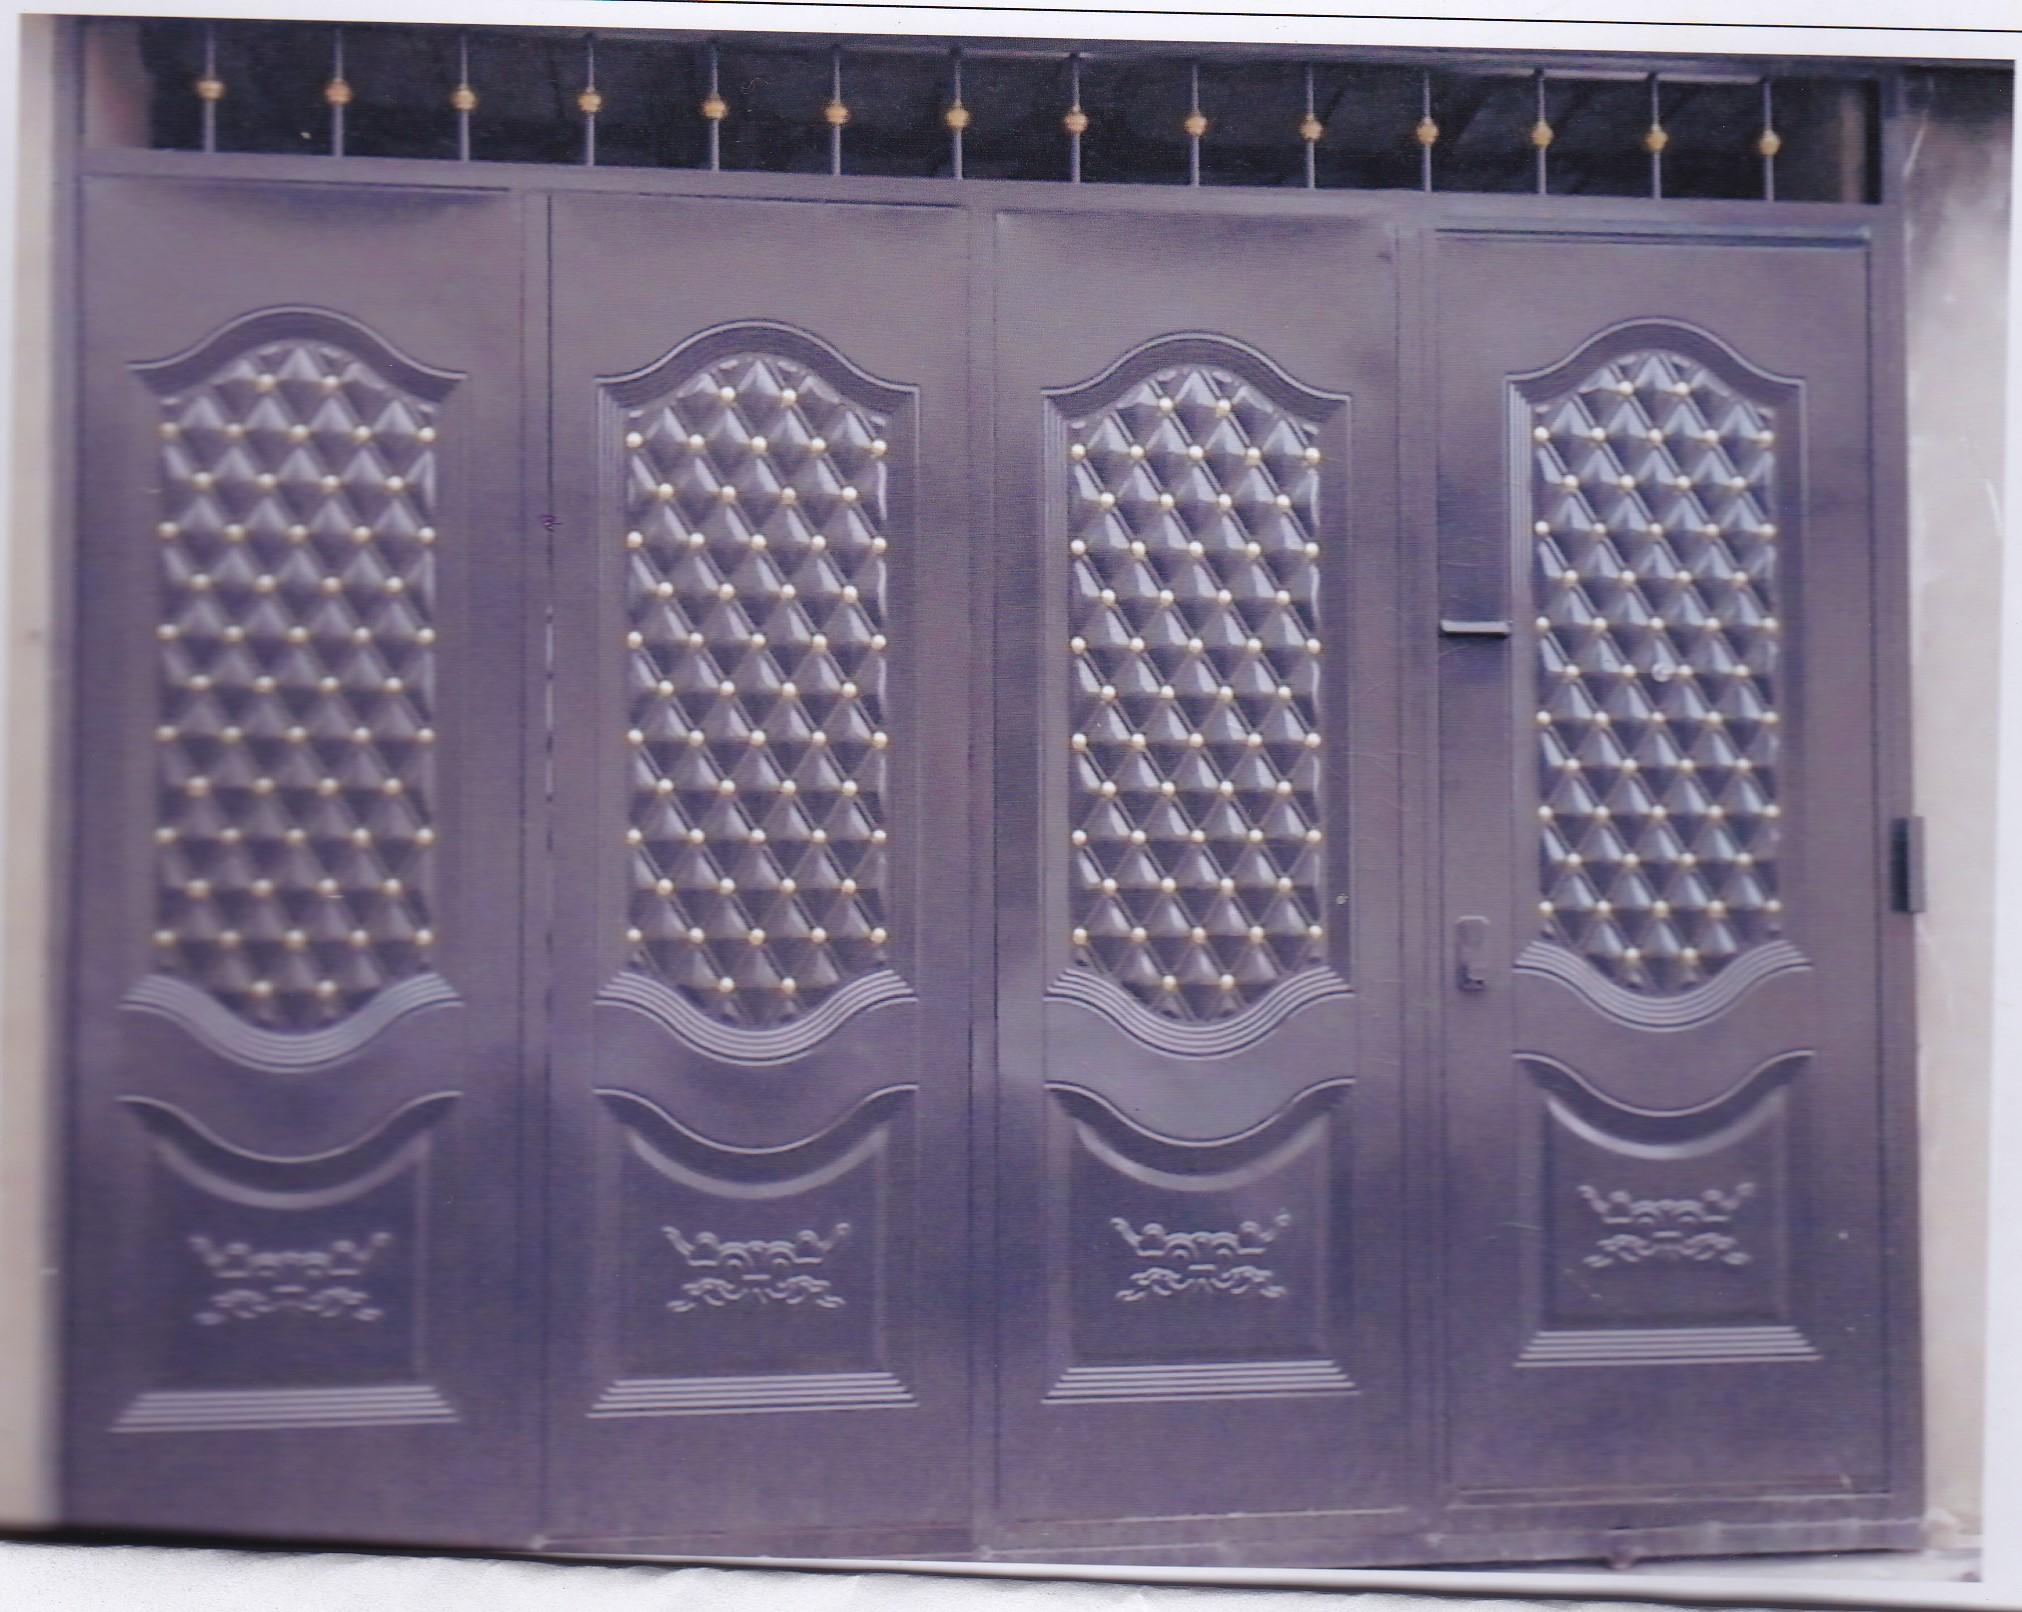 Puertas metalicas economicas calderon altamax for Puertas metalicas economicas